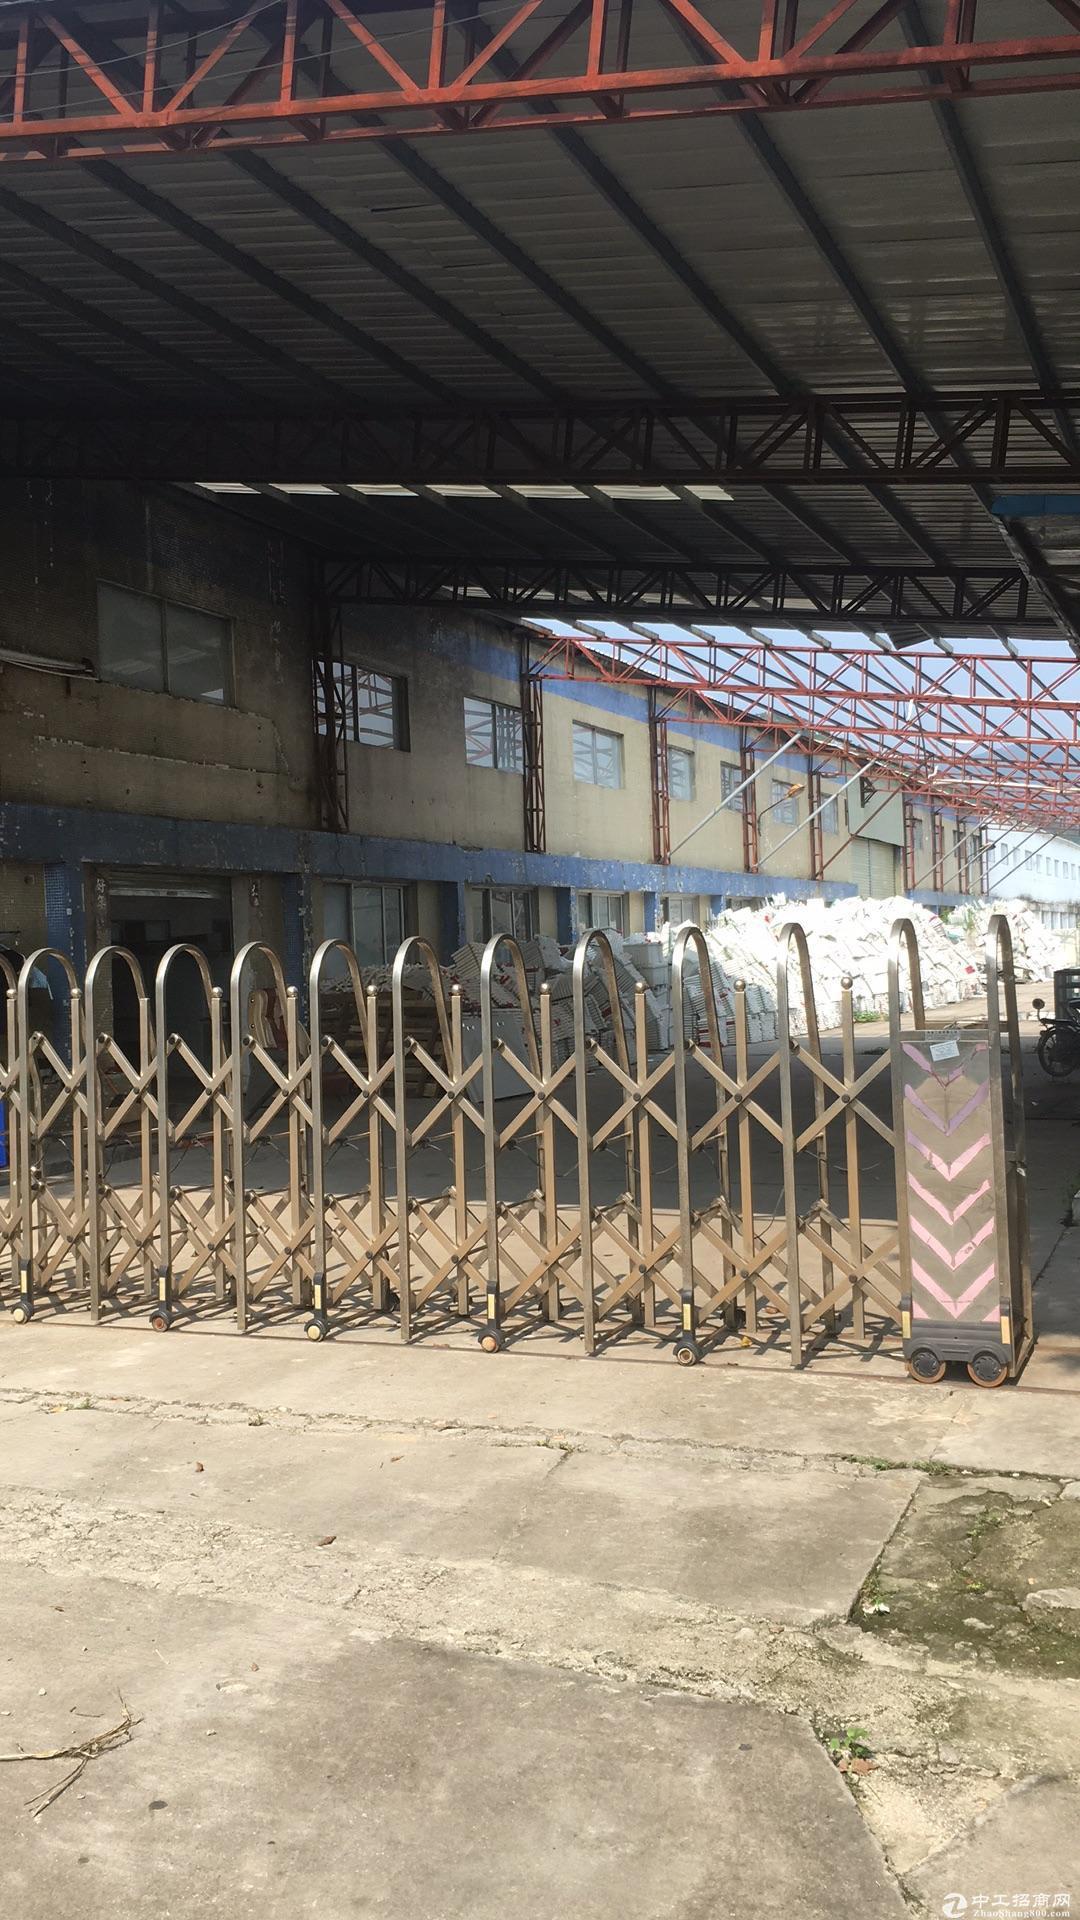 惠州惠阳新圩独门独院钢构出租,面积2100平方长110米,中间没柱子